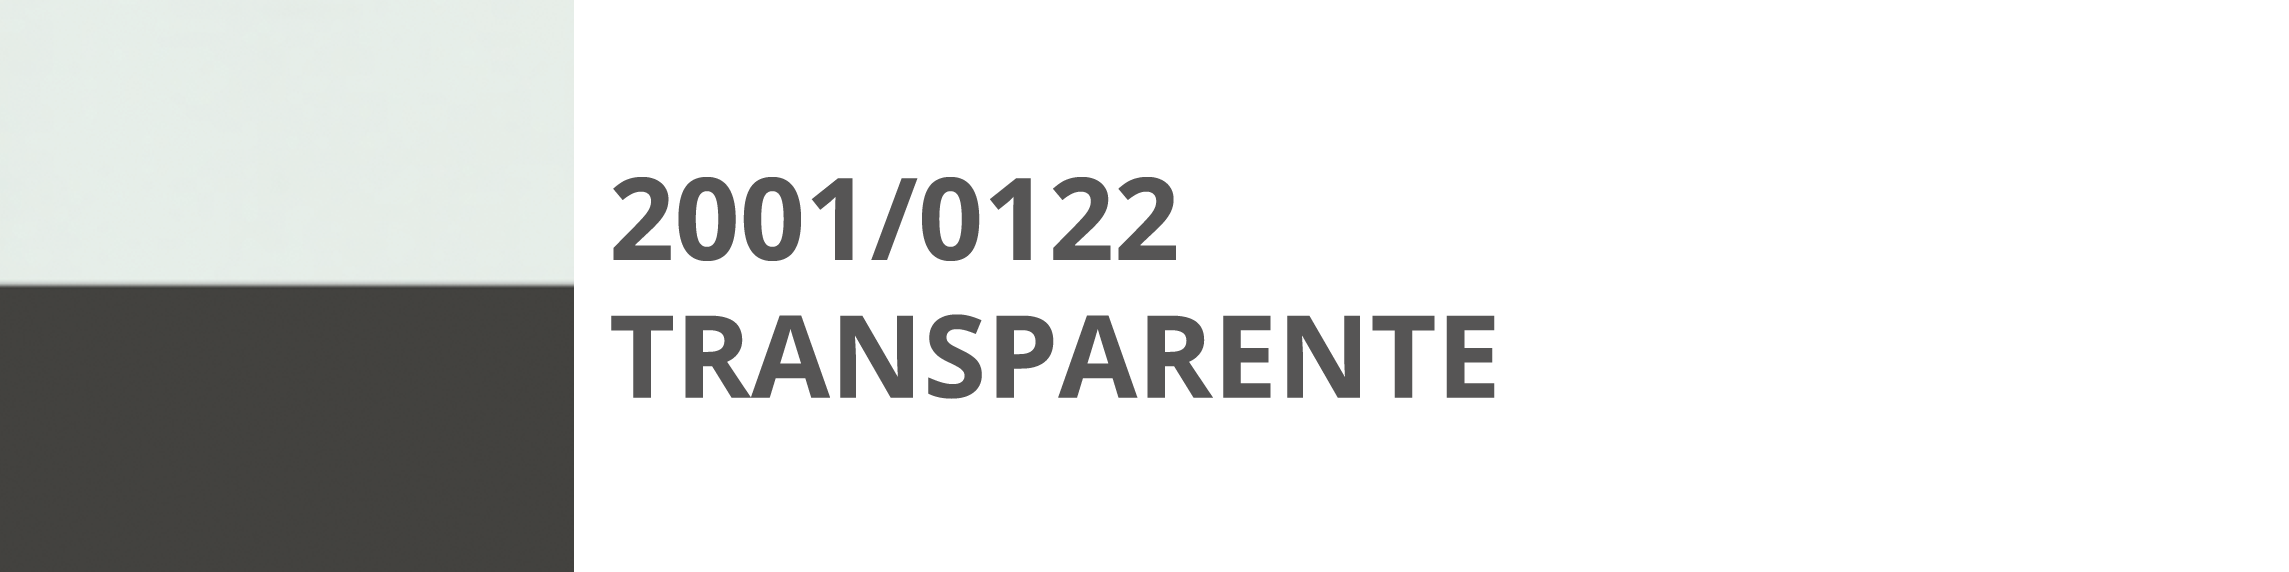 2001 122 Trasparente